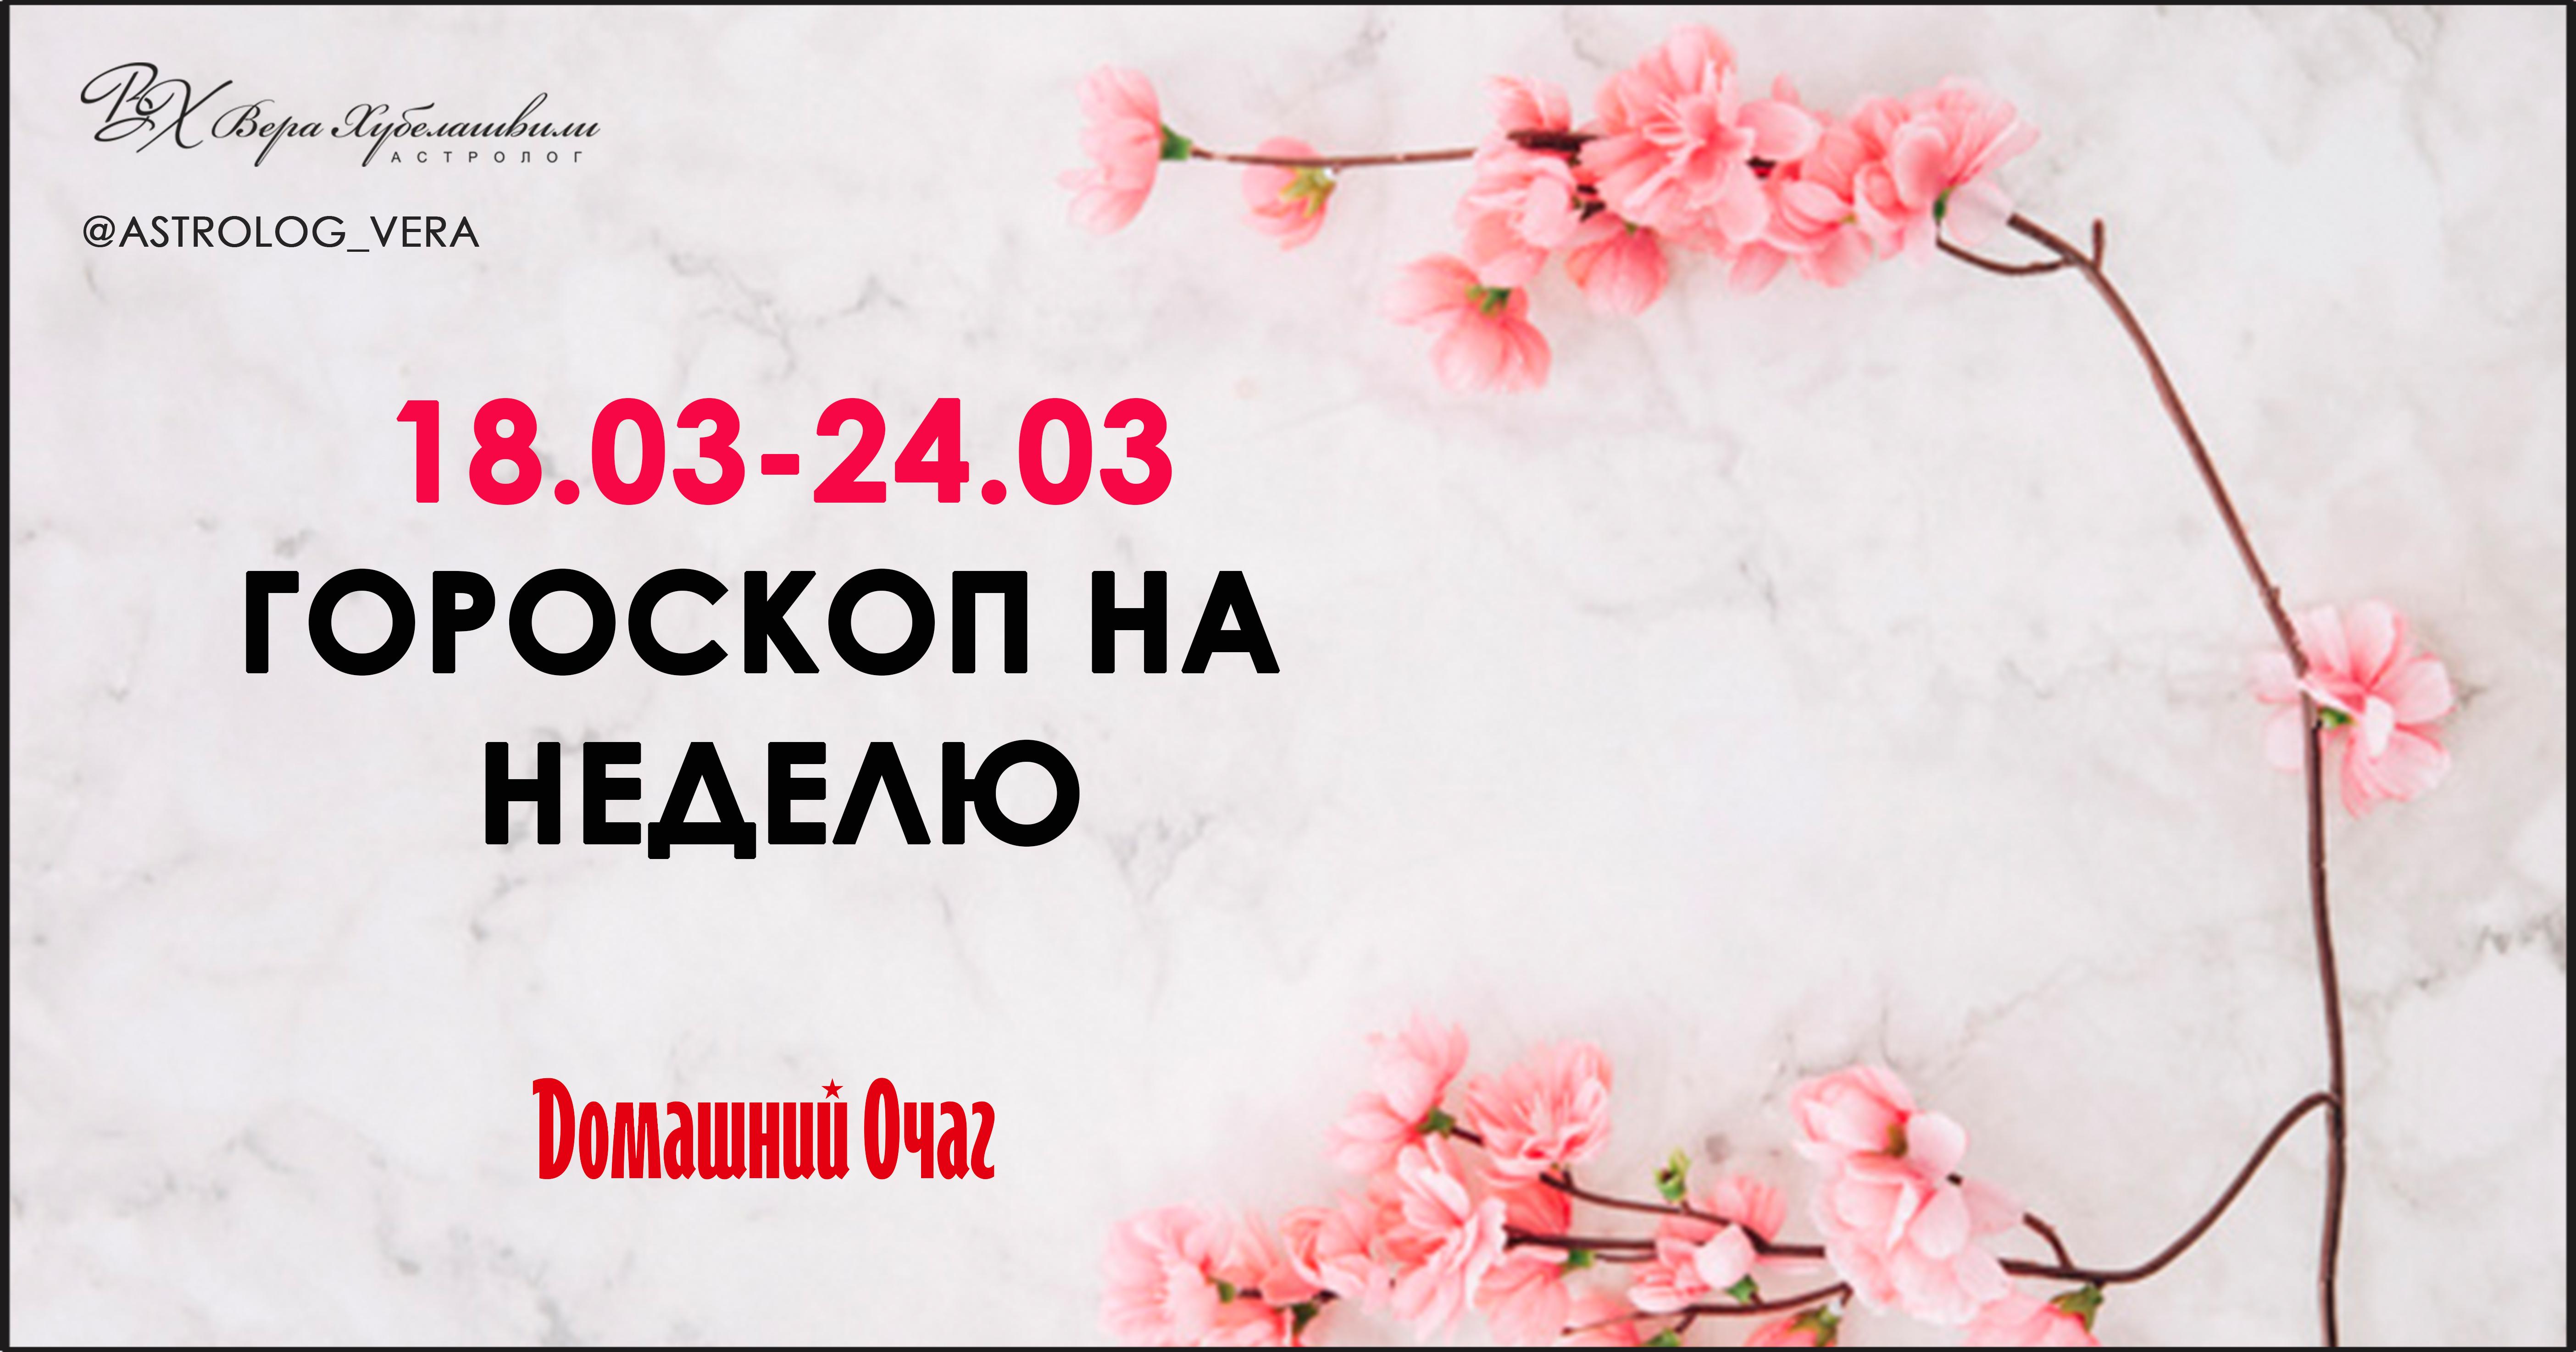 АСТРОЛОГИЧЕСКИЙ ПРОГНОЗ 18 МАРТА - 24 МАРТА 2019 (ДОМАШНИЙ ОЧАГ)